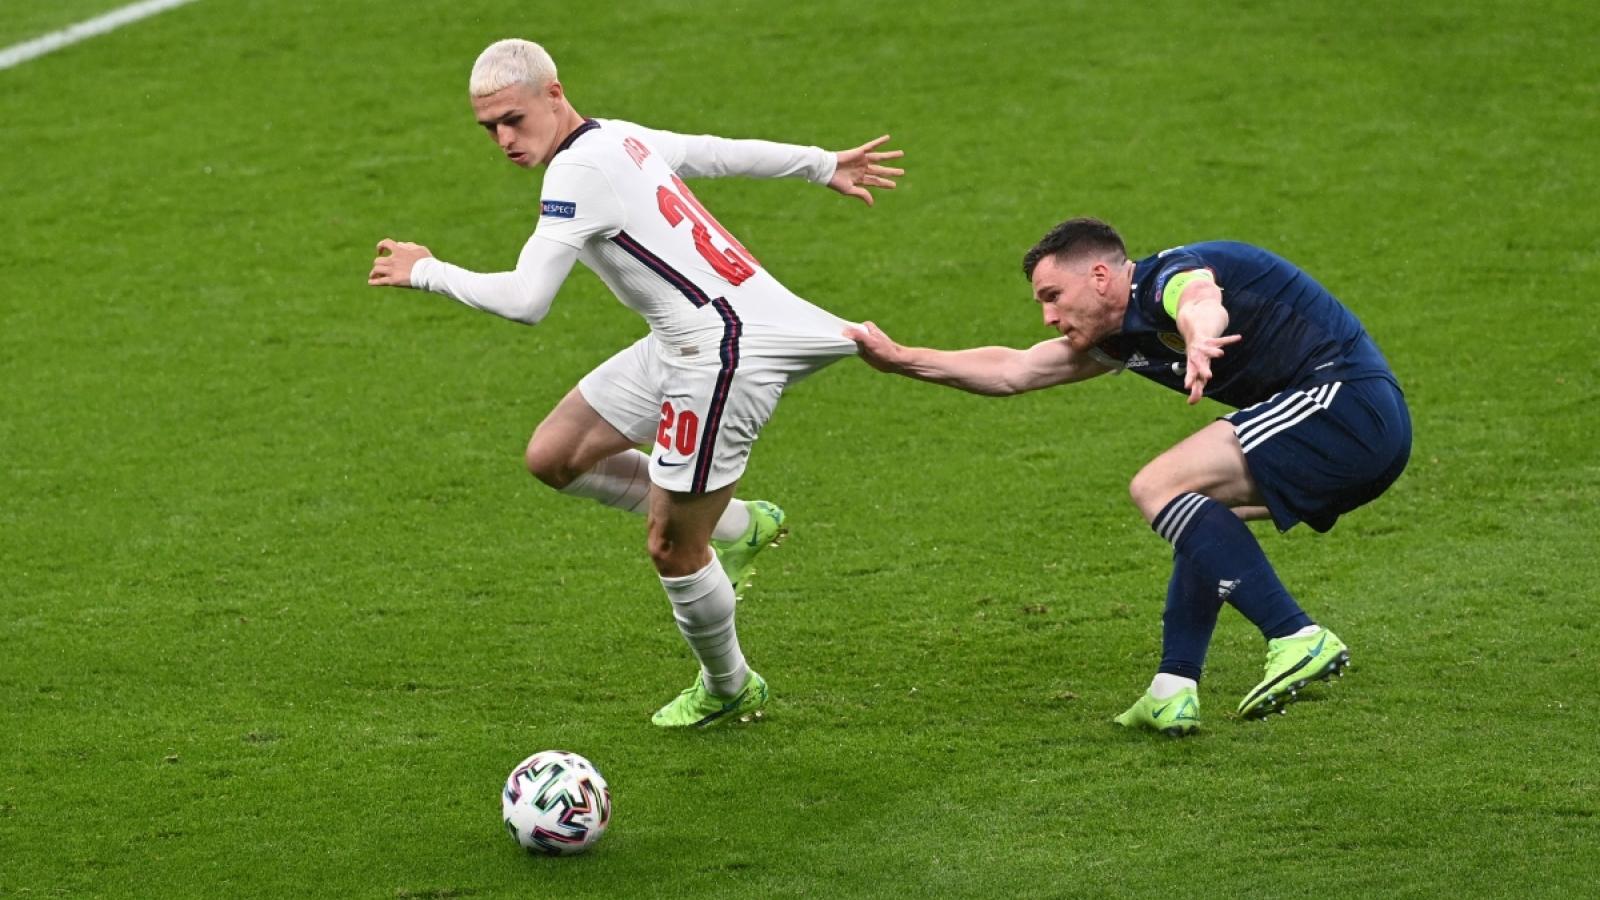 Anh, Thụy Điển và Pháp chính thức giành vé vào vòng 1/8 EURO 2021